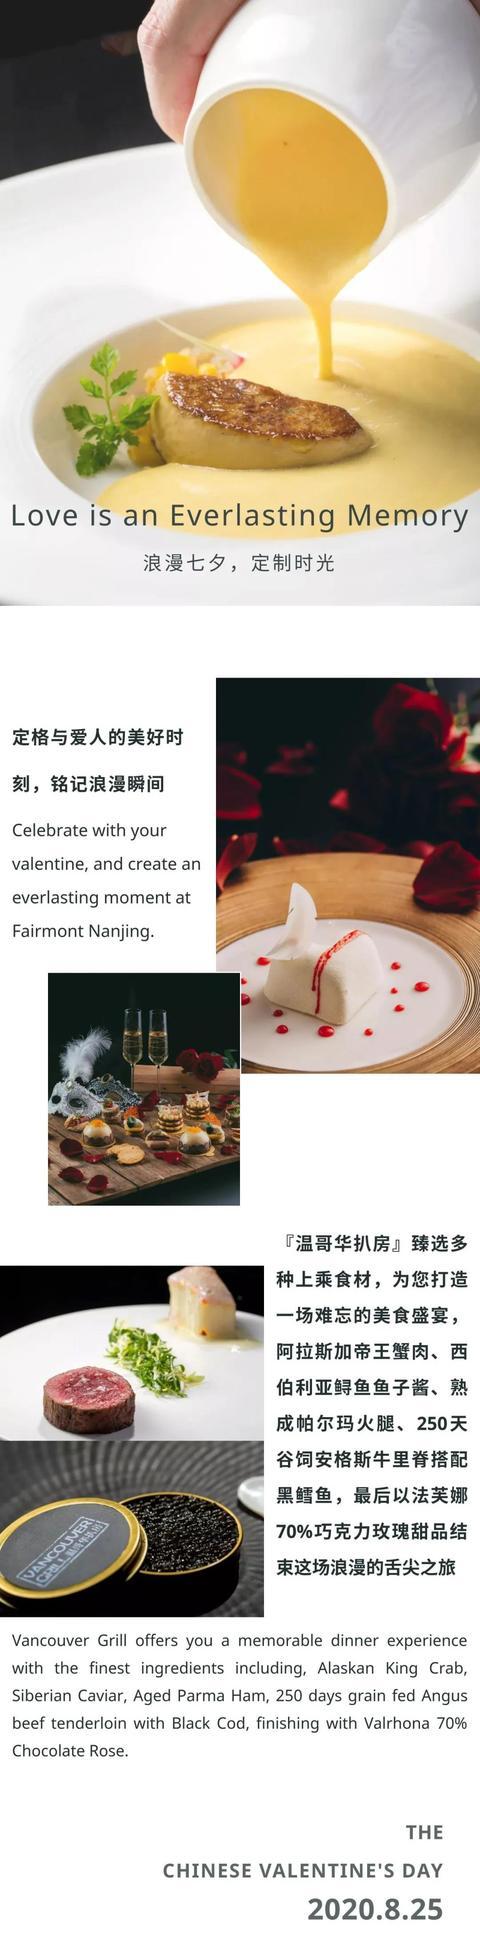 南京丨品味费尔蒙 · 浪漫七夕,定制时光